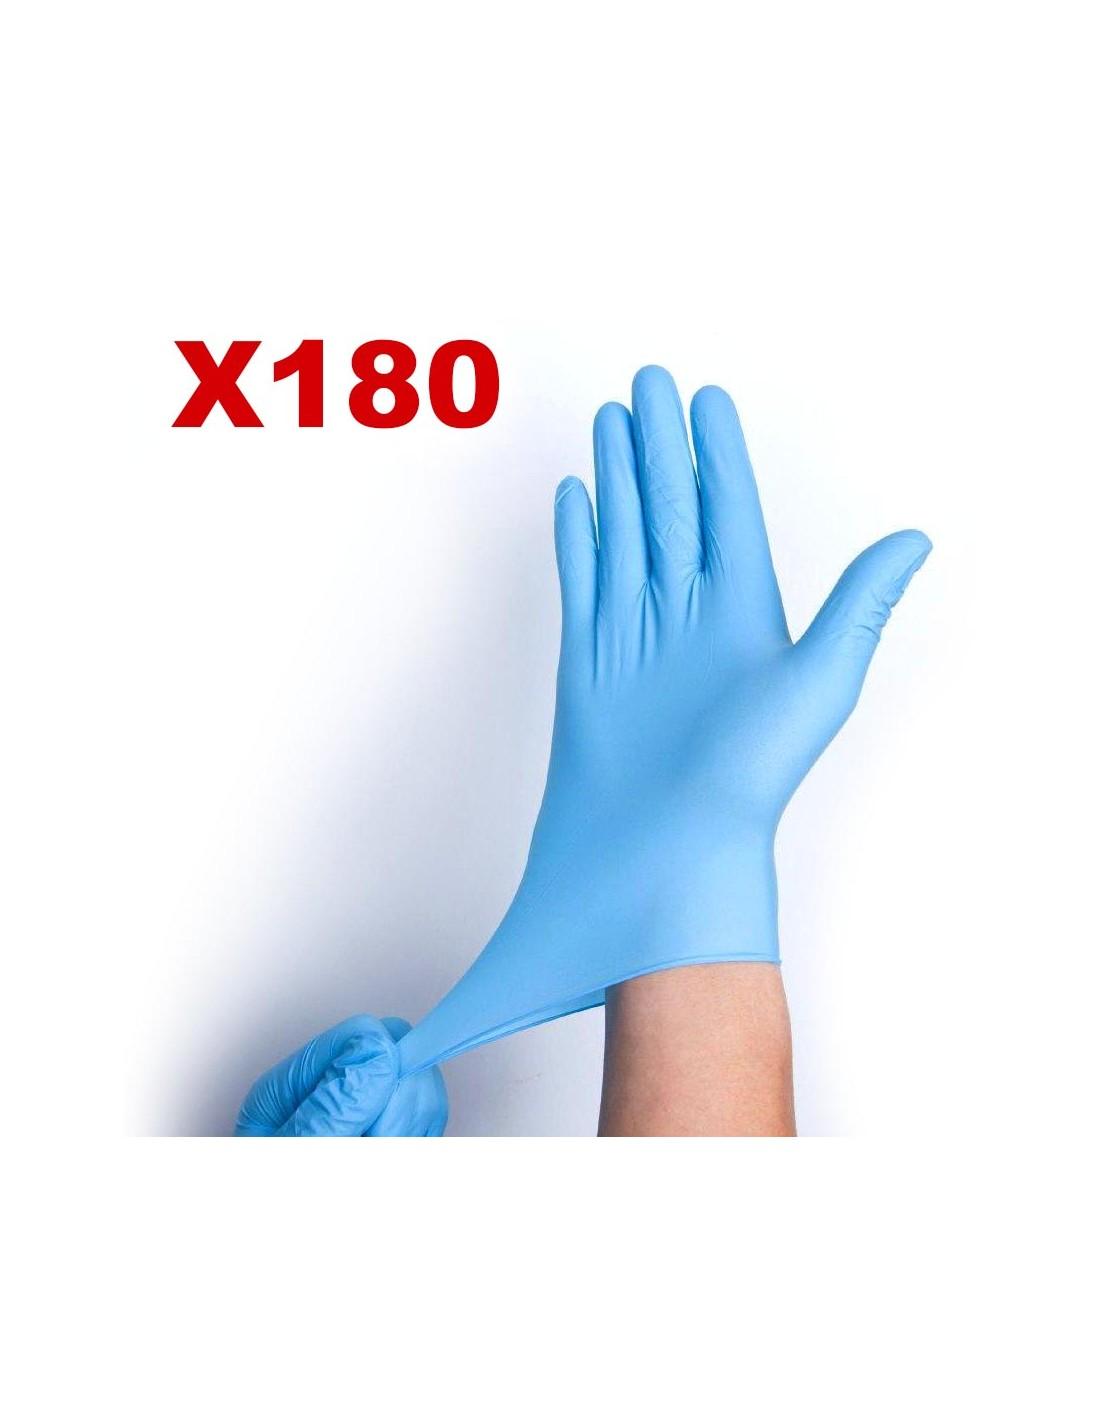 Lifreer 1 paire de gants en dentelle sans doigts avec 1 masque de chat en dentelle noire Accessoires Halloween pour femme